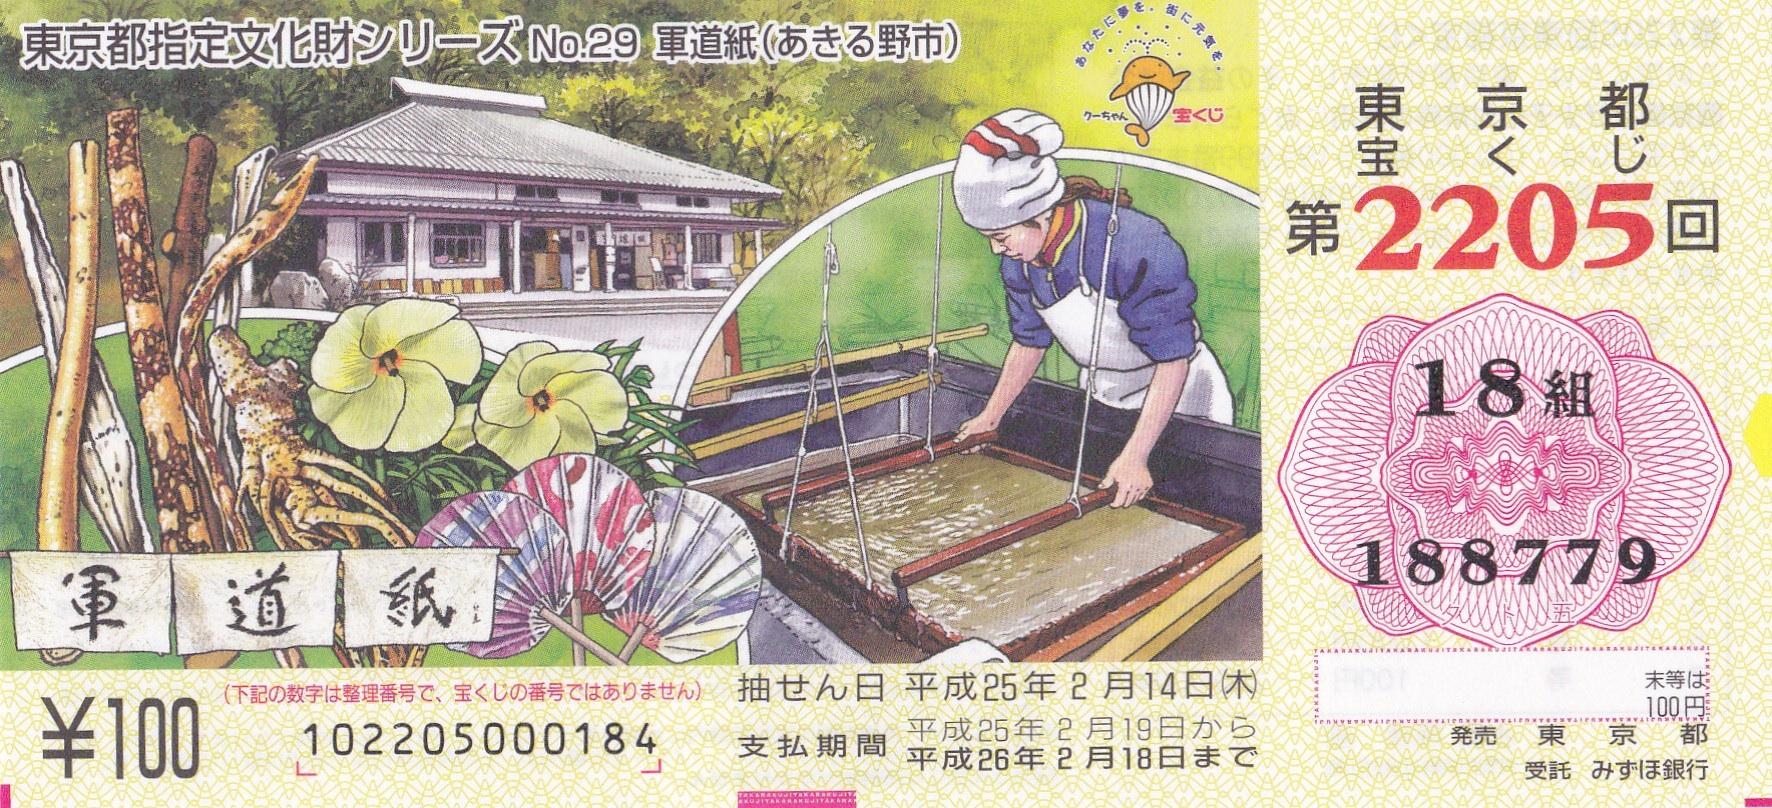 宝くじ(中川幸子さん)